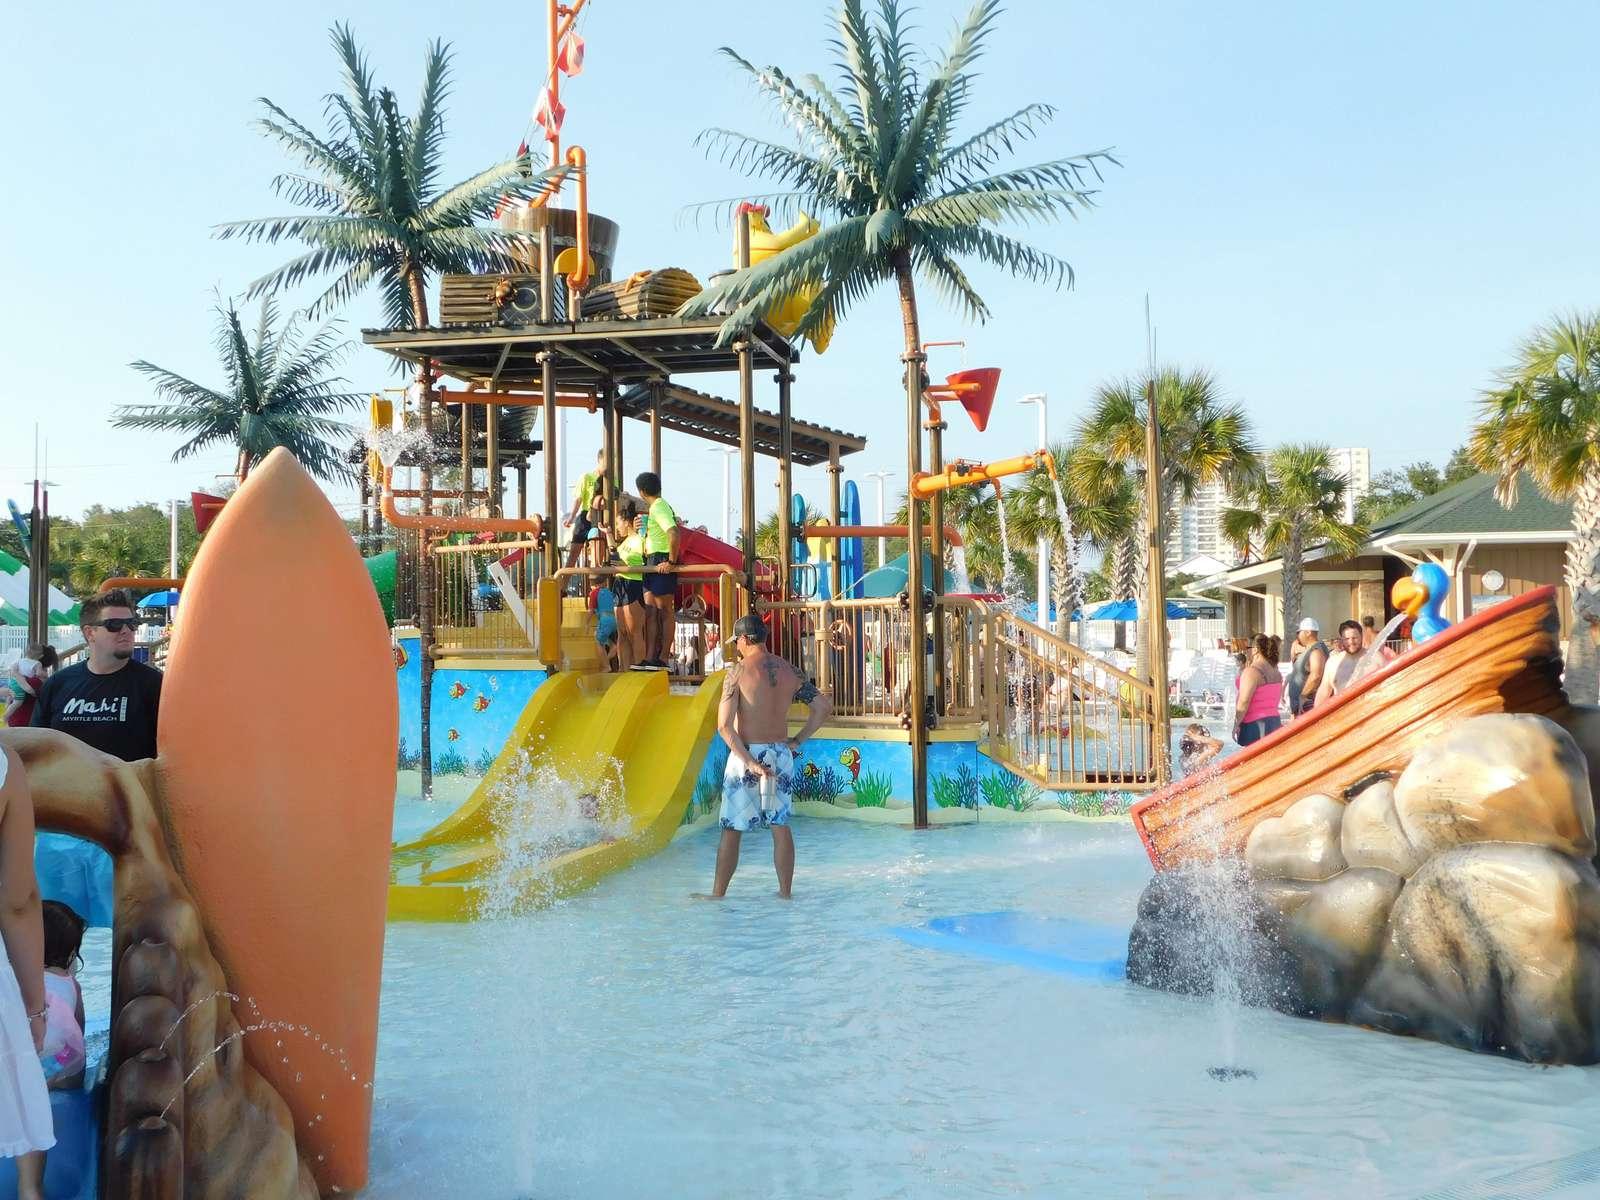 Splash Zone slides for the little ones